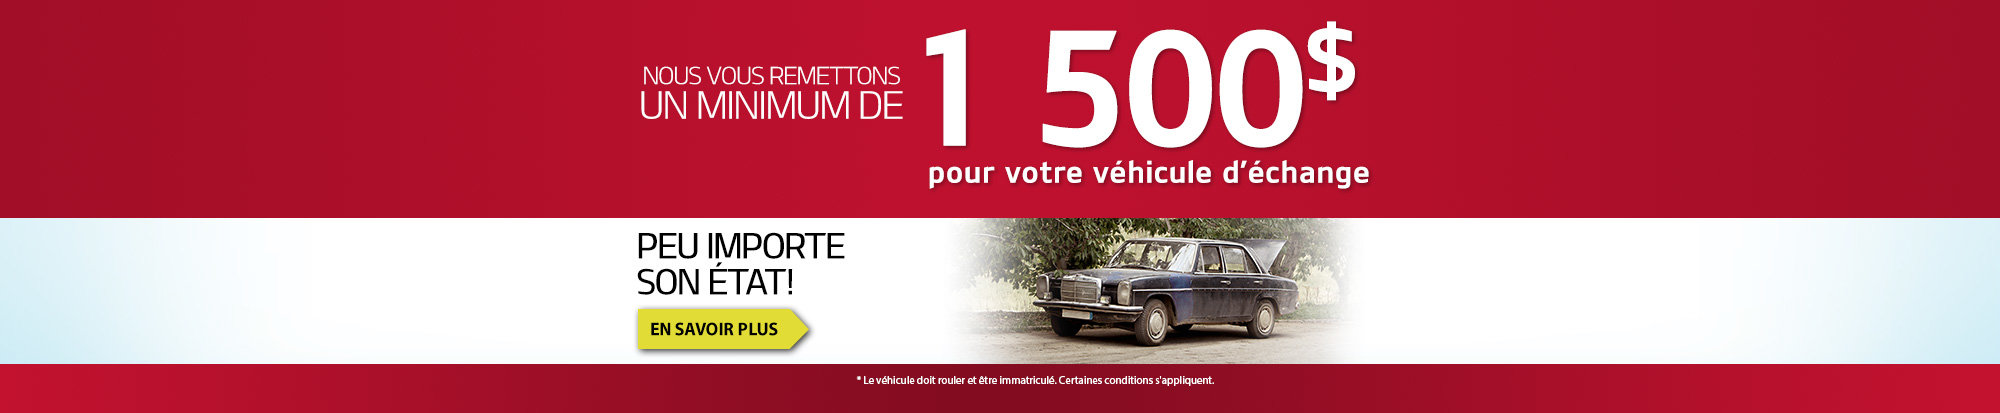 Minimum de 1 500$ pour votre véhicule d'échange